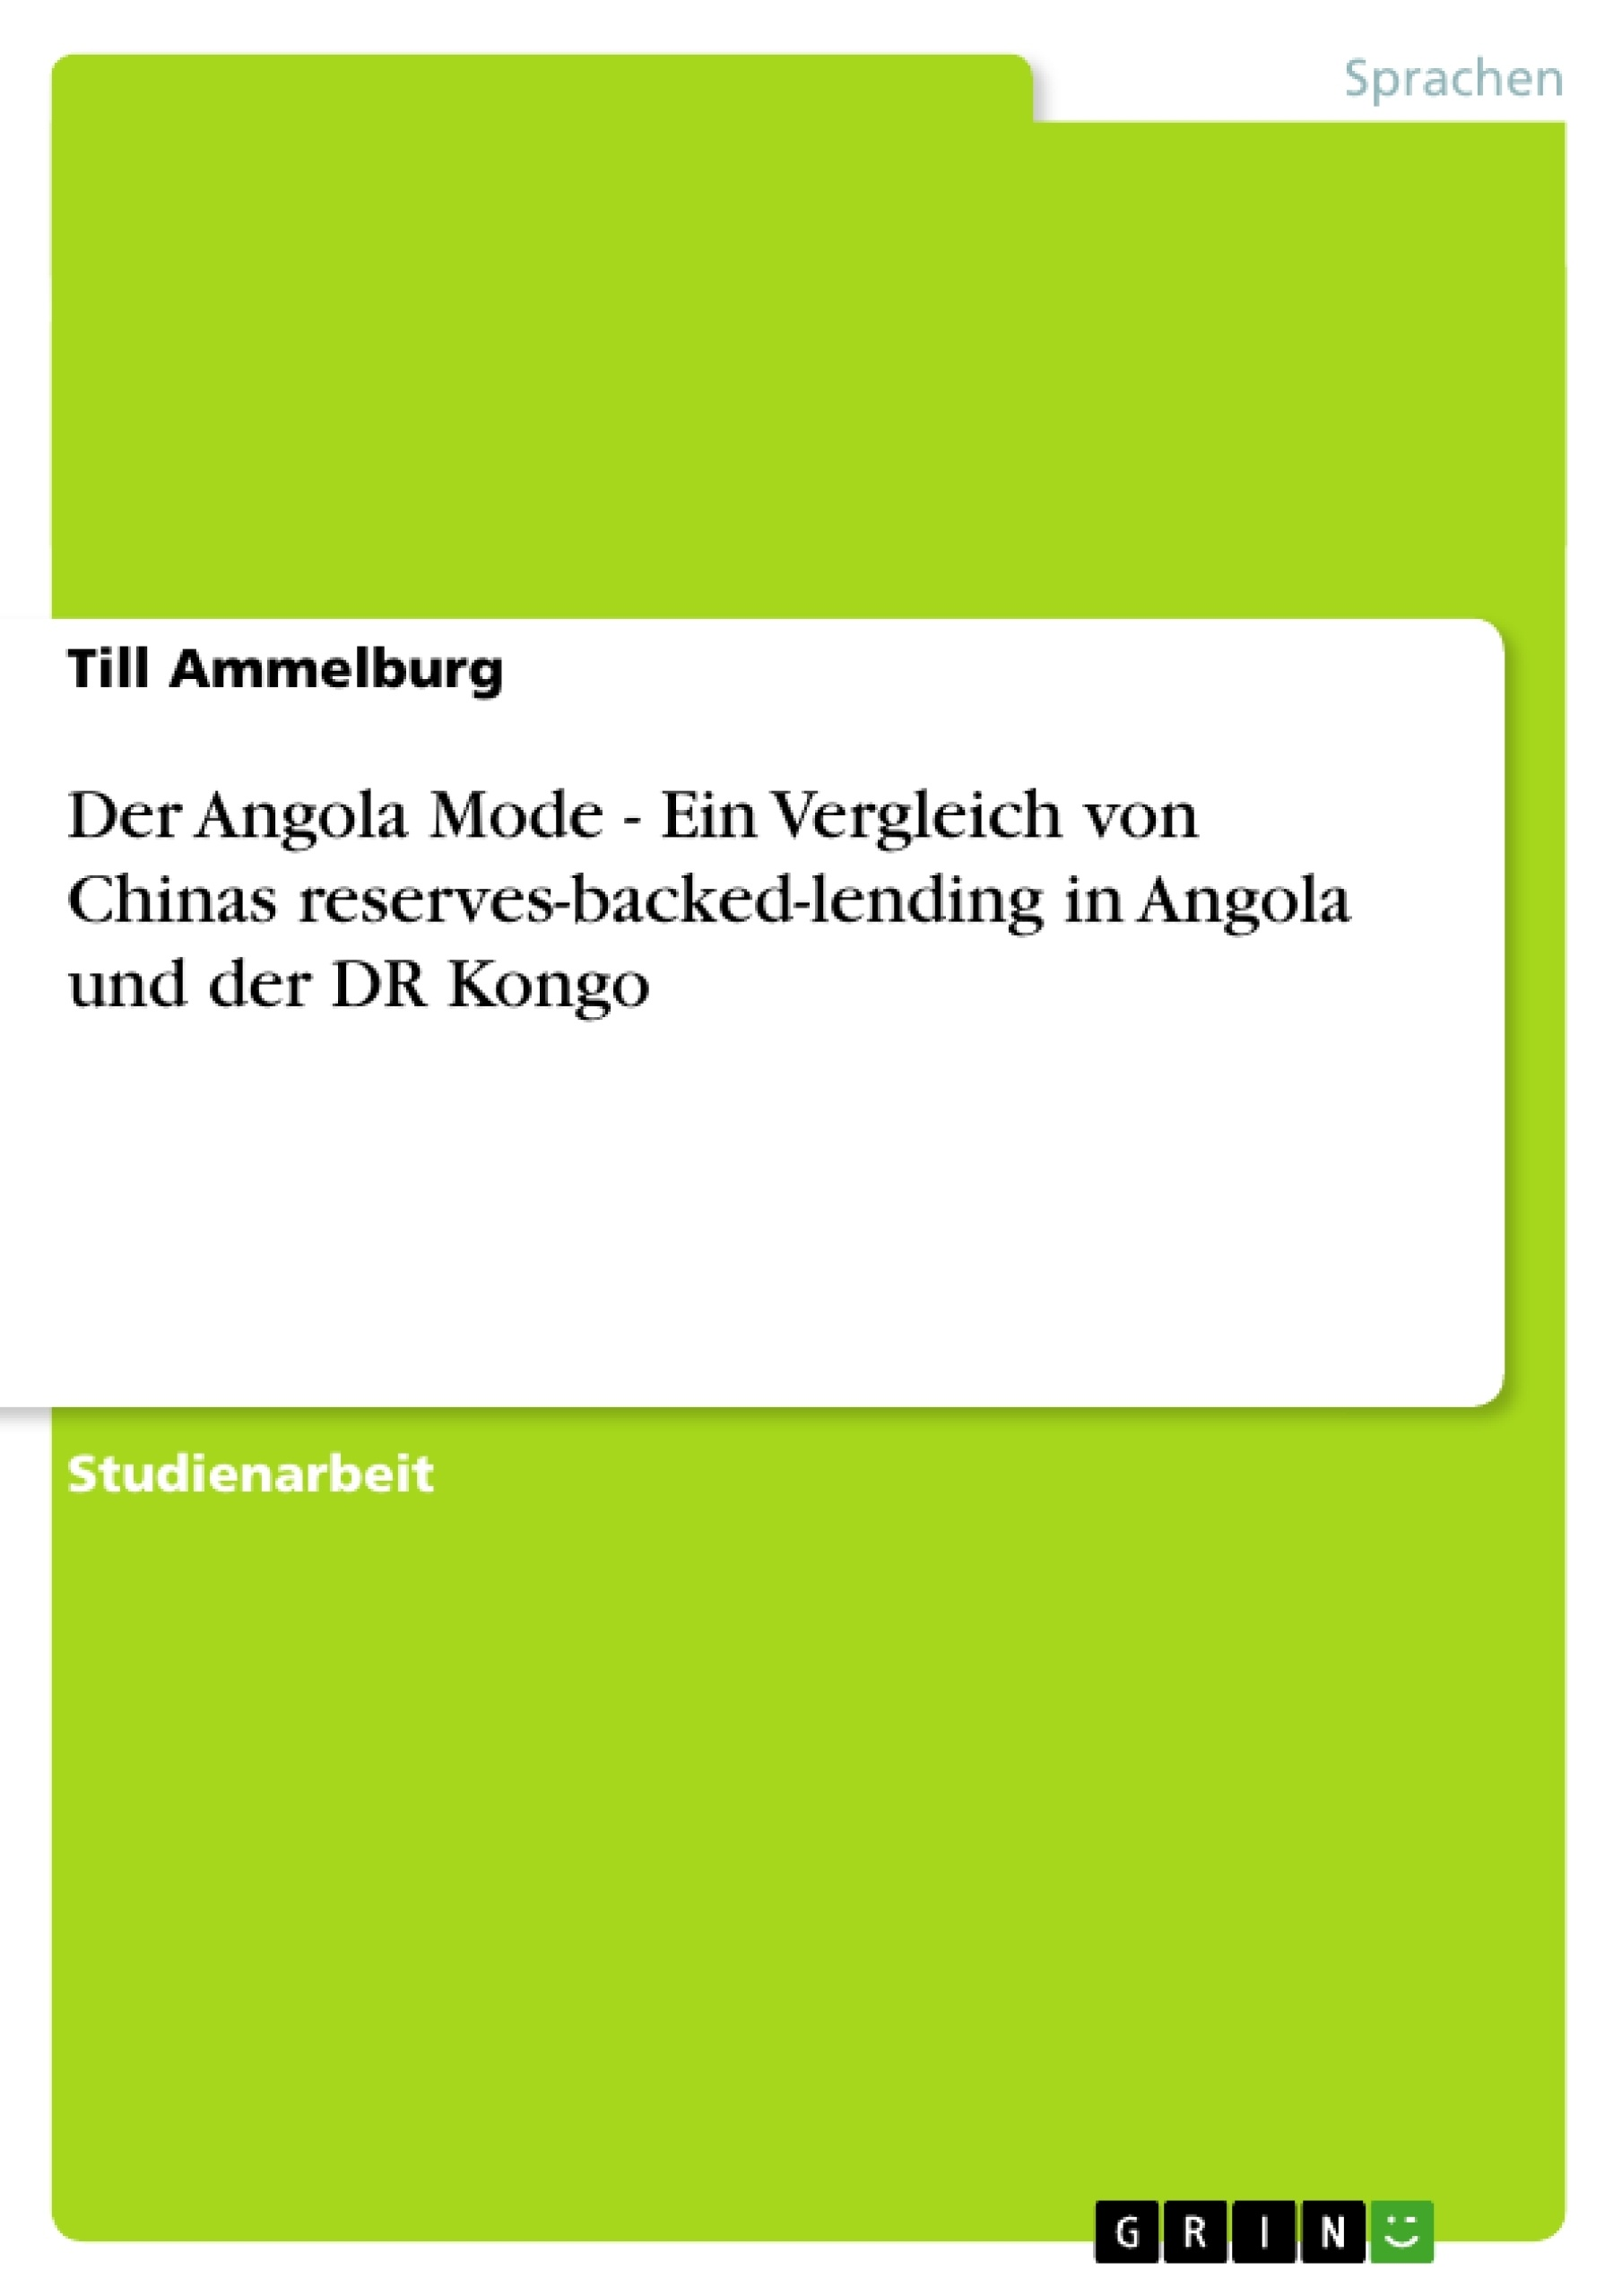 Titel: Der Angola Mode - Ein Vergleich von Chinas reserves-backed-lending in Angola und der DR Kongo